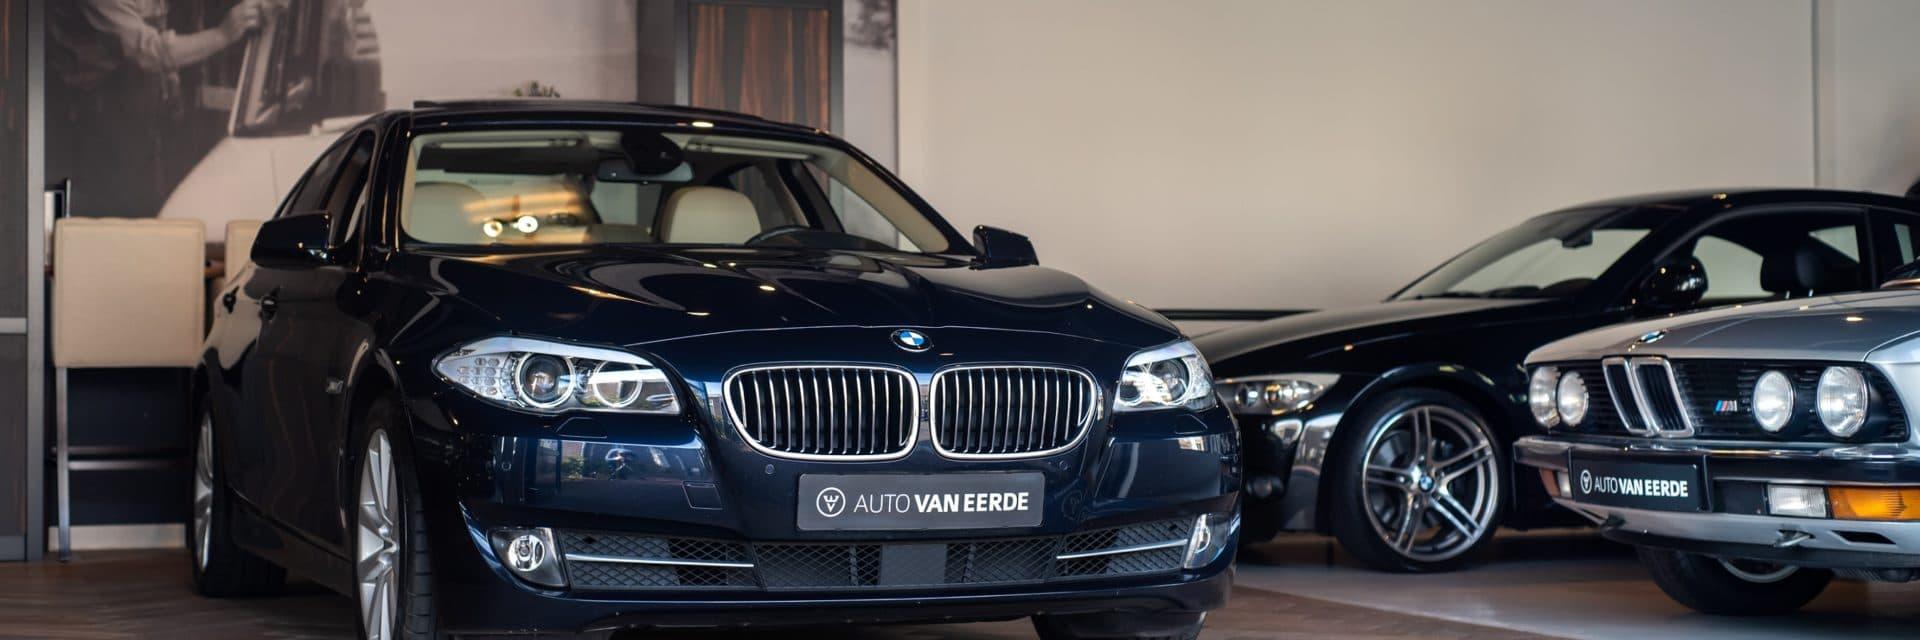 BMW 528i header